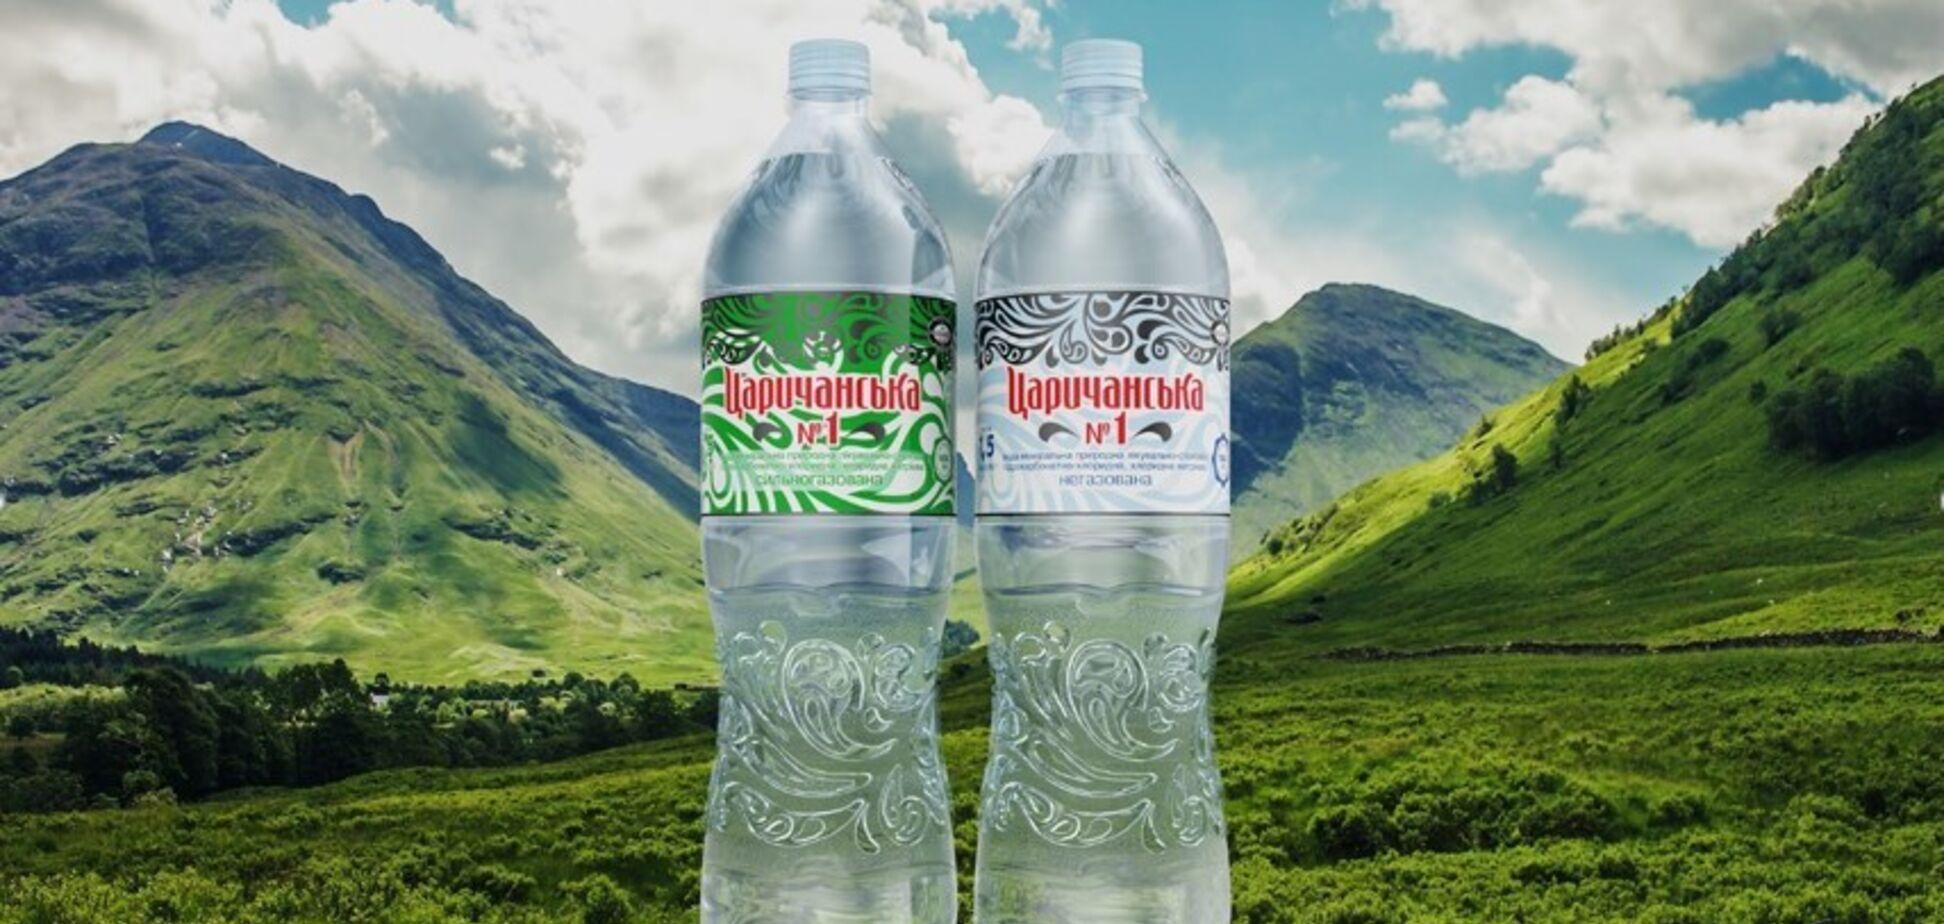 Минеральная вода: как пить, чтобы получить максимальную пользу